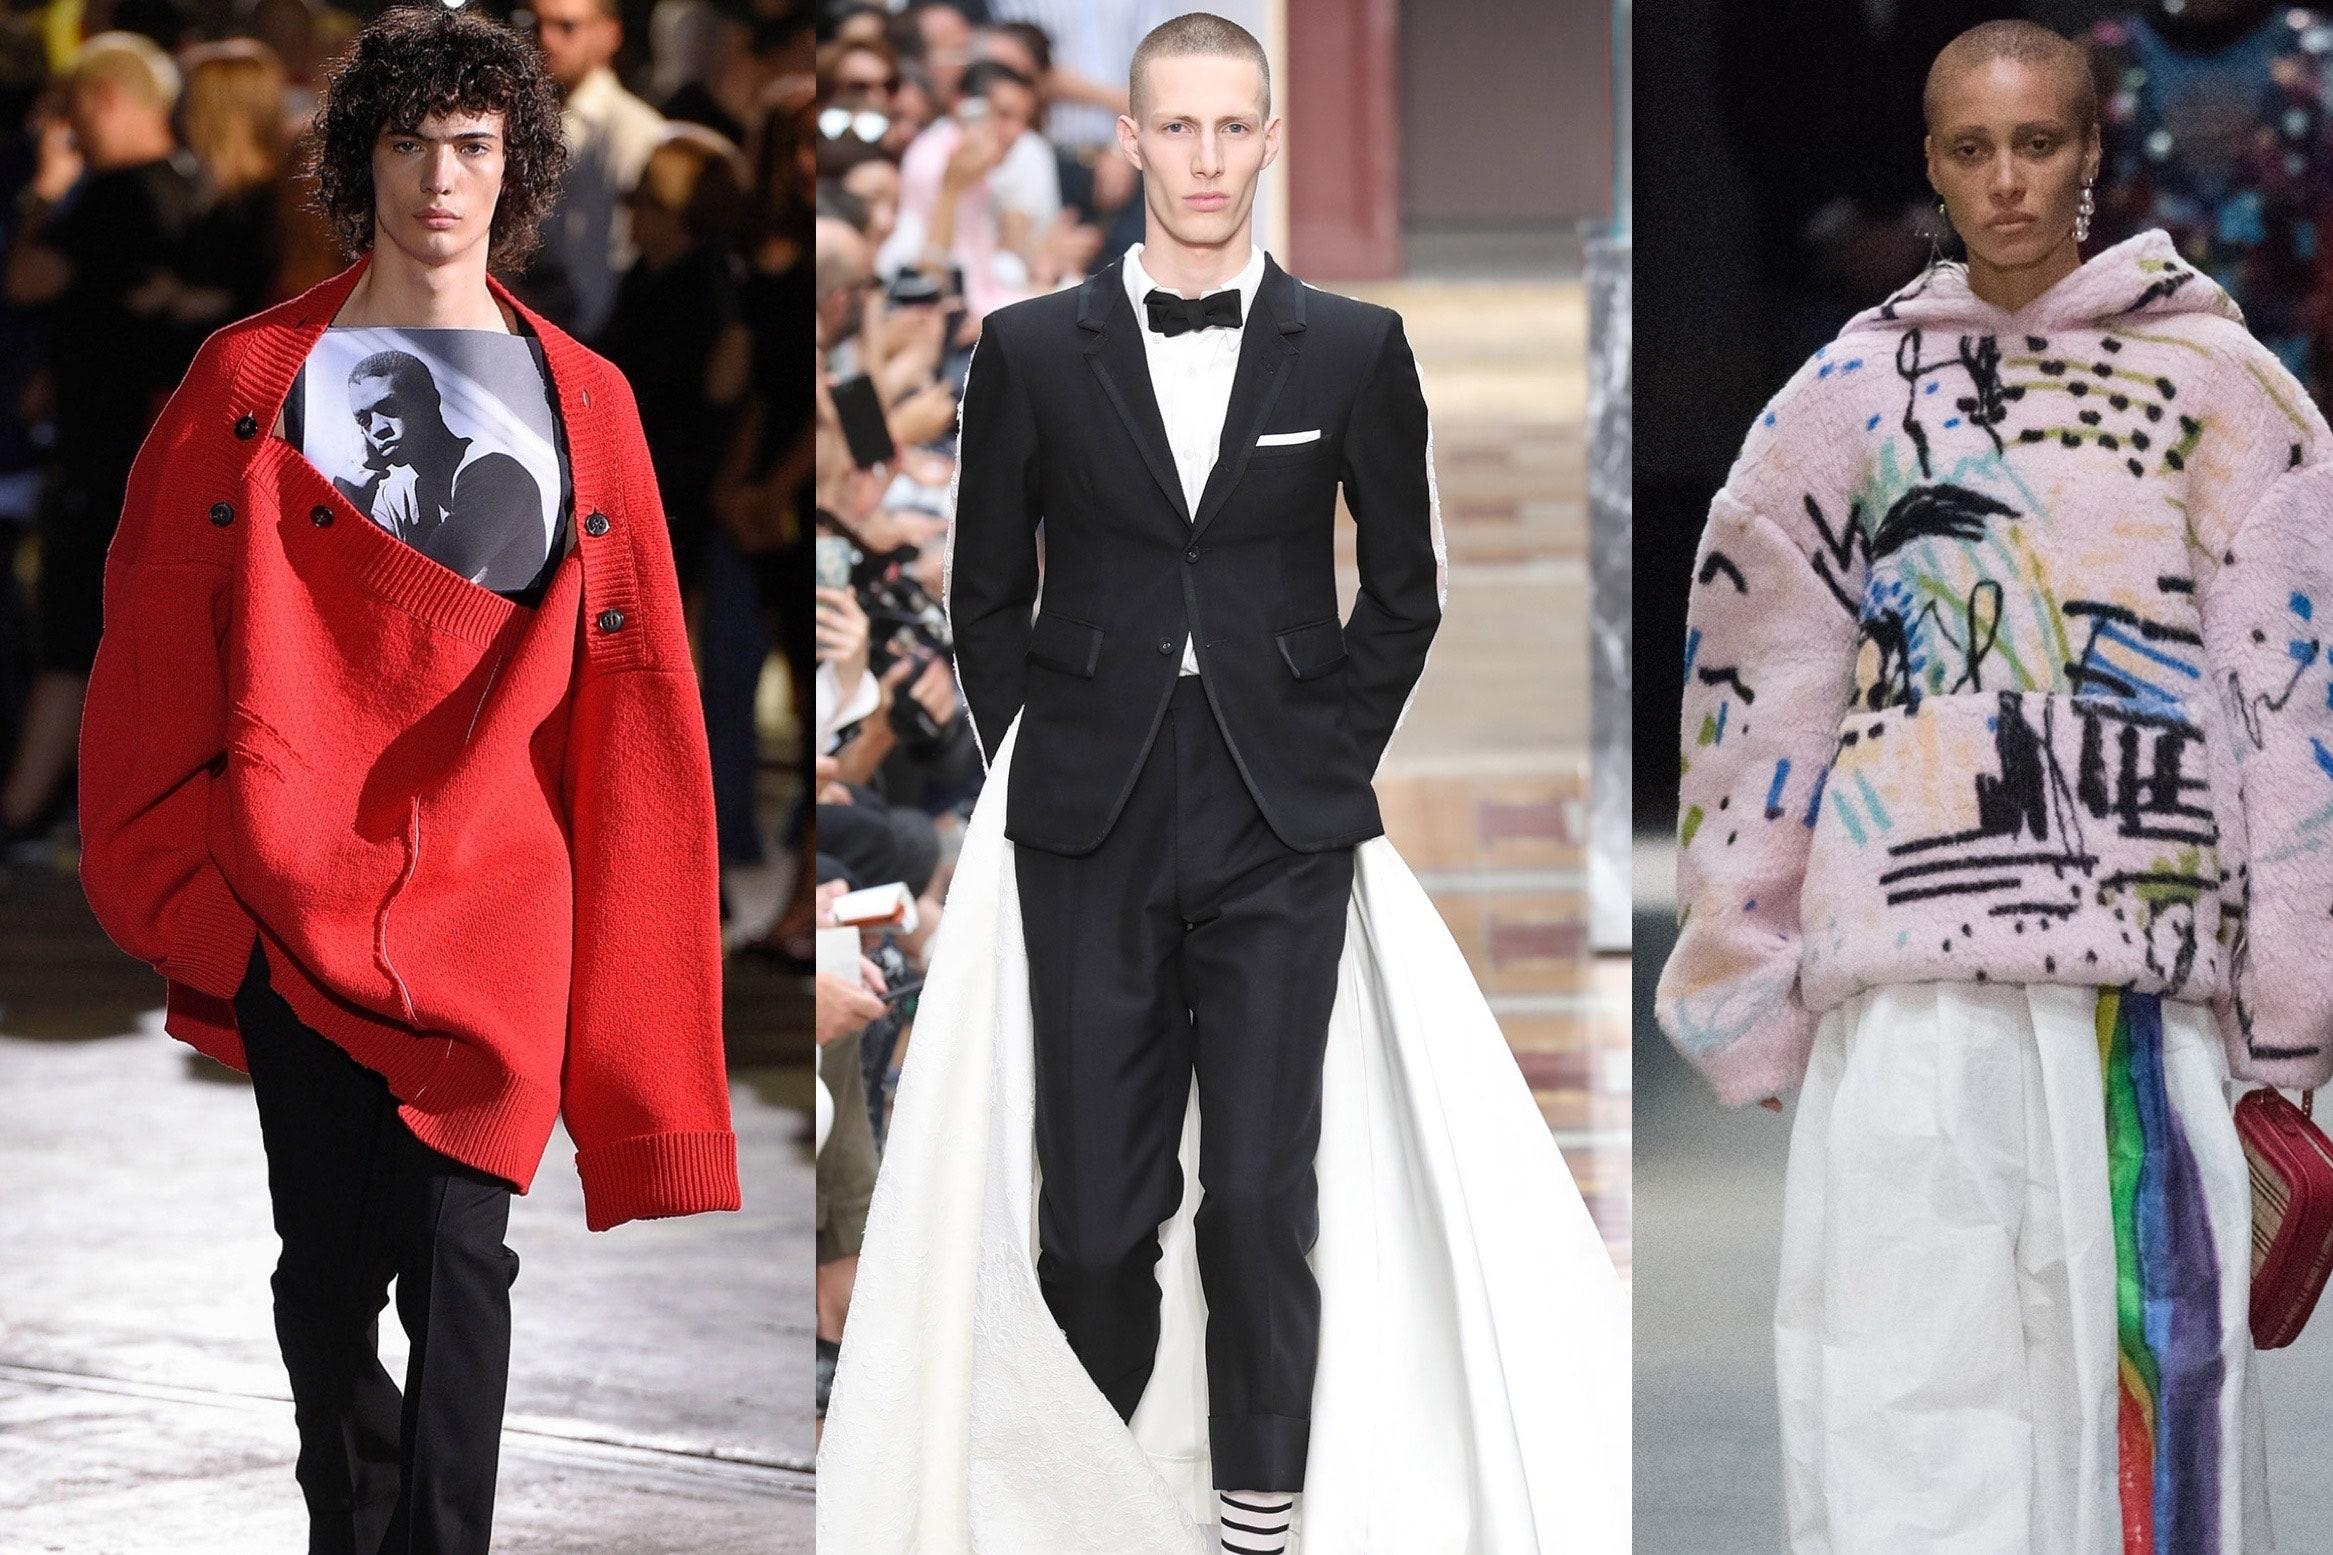 Французский дизайнер Николя Лекур Мансьон об инклюзивности: «Моя одежда предназначена для всех, мода должна выходить за пределы маркетинга»